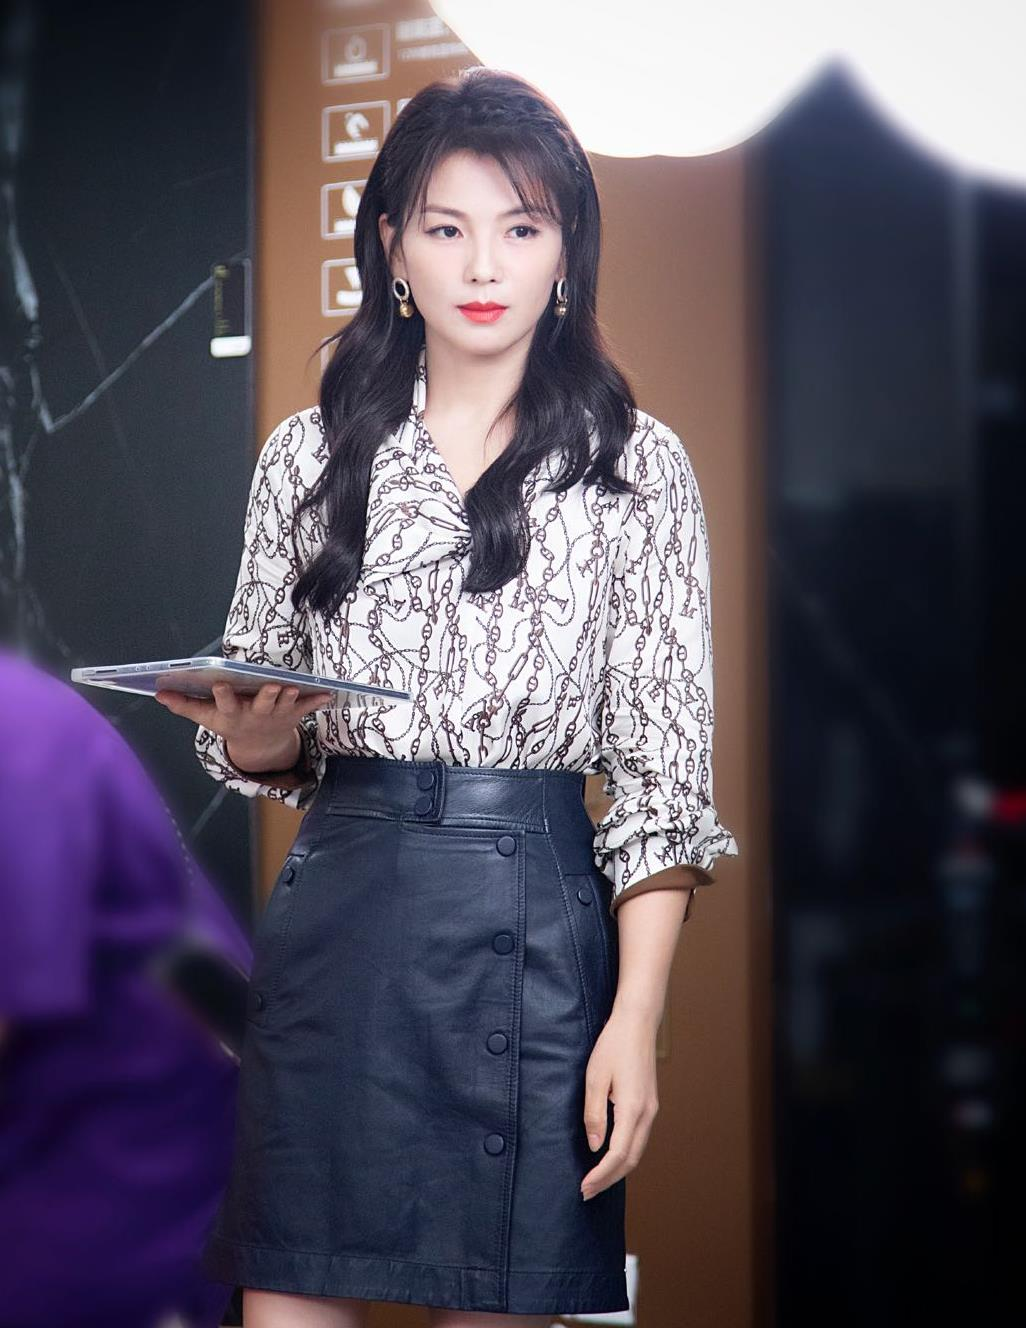 """刘涛""""直播""""也穿得很高级,印花衬衫配皮裙,气质女神真有品位"""